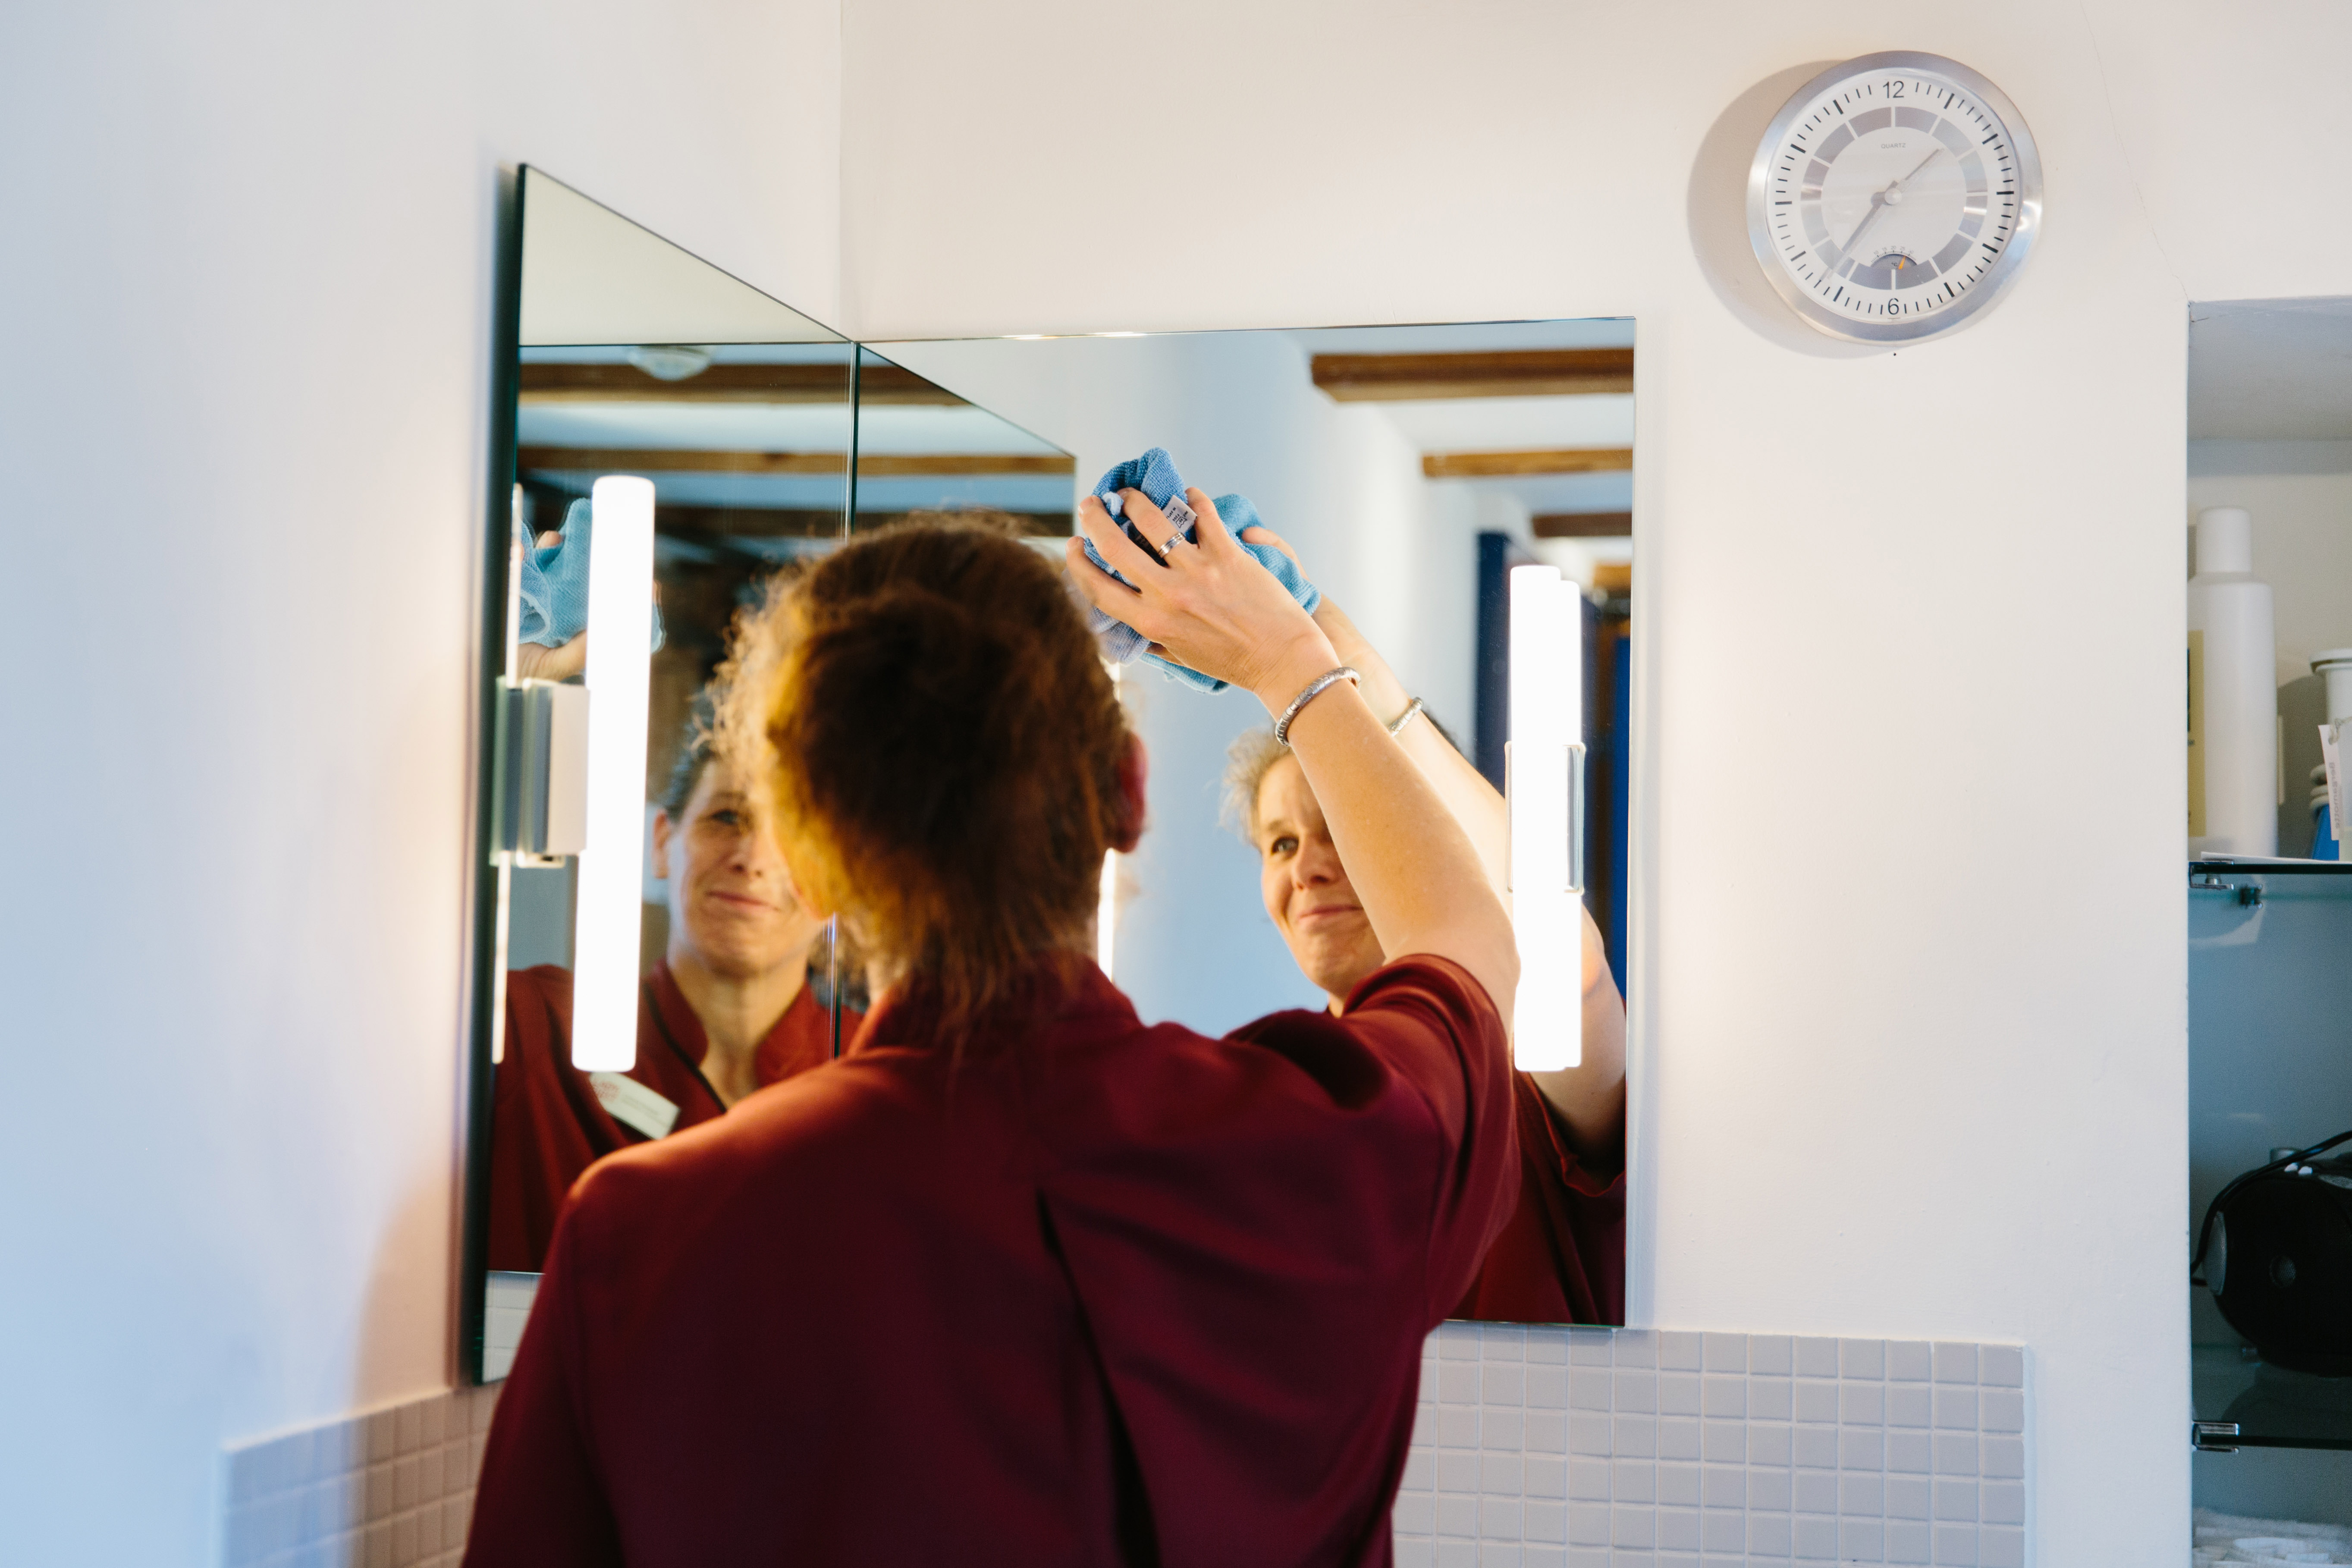 Eine Mitarbeiterin reinigt mit einem Tuch einen Spiegel. Sie trägt rote Arbeitskleidung. Ihr lächelndes Gesicht spiegelt sich doppelt im Spiegel, der an einer Ecke des Raumes installiert ist.